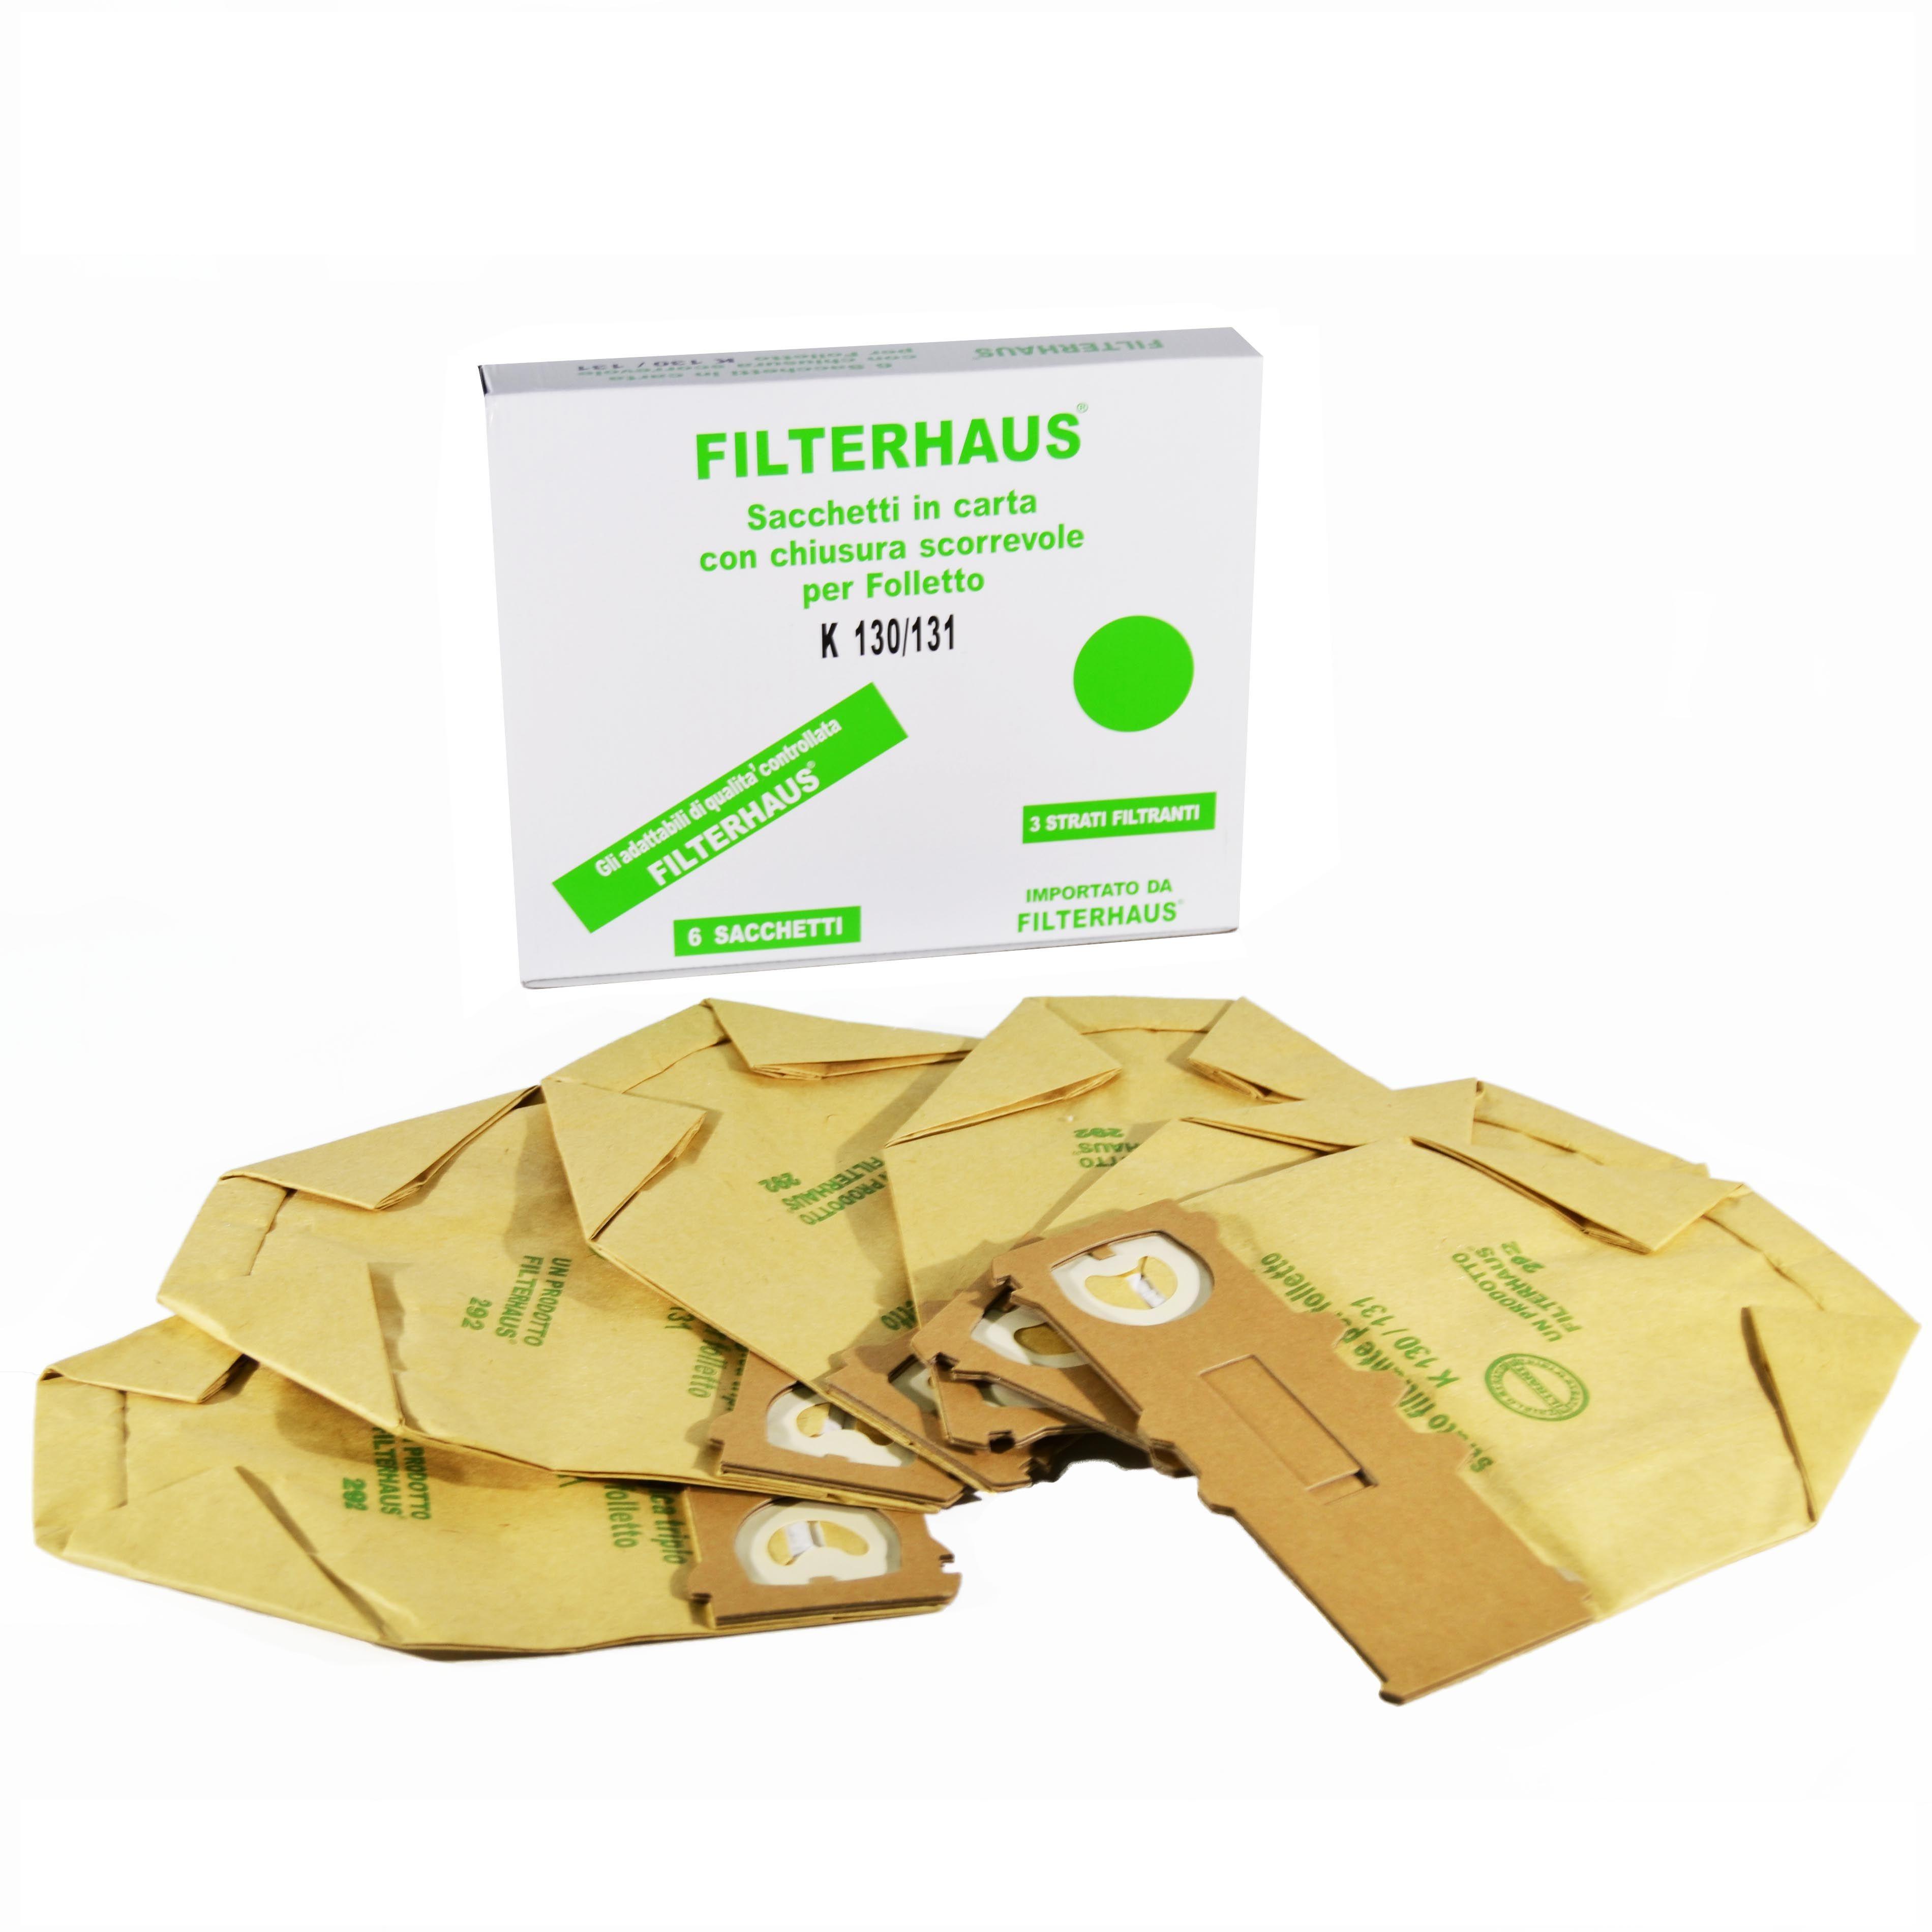 Kit 6 sacchetti in carta compatibili per aspirapolvere folletto vk 130 – 131